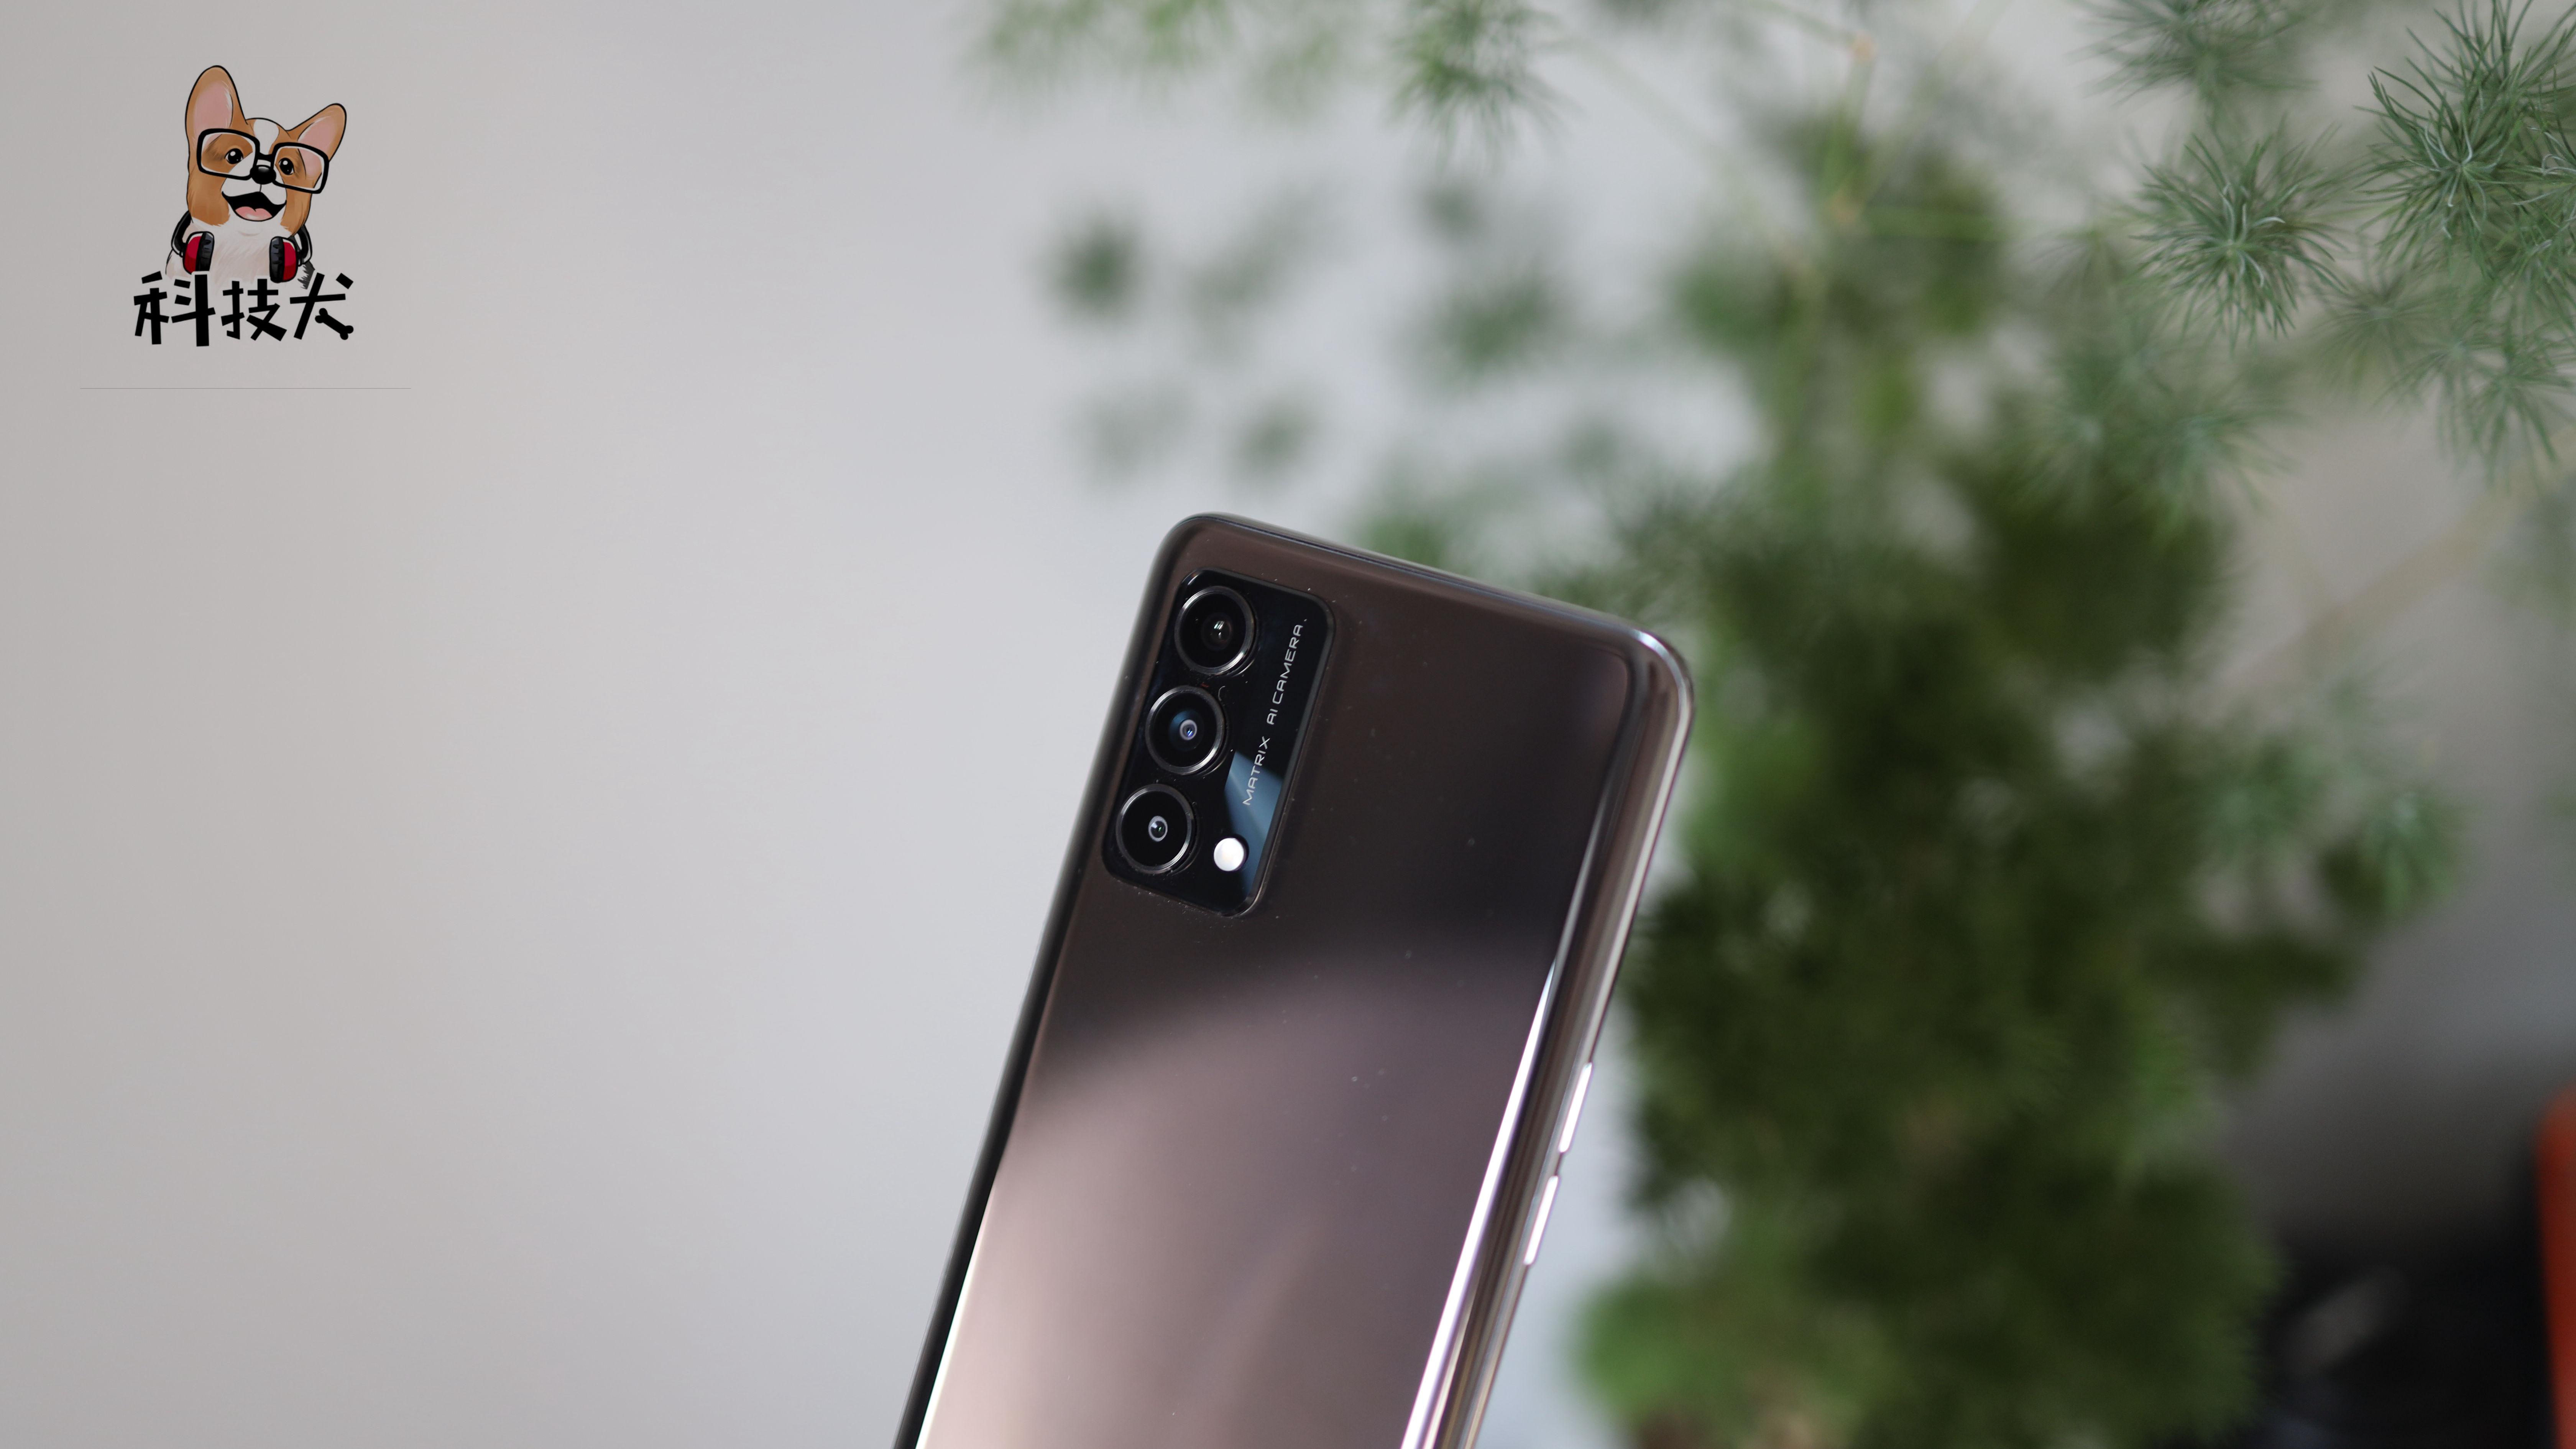 「618大促」五款realme 真我5G手机购机攻略:杨幂同款最值得入手